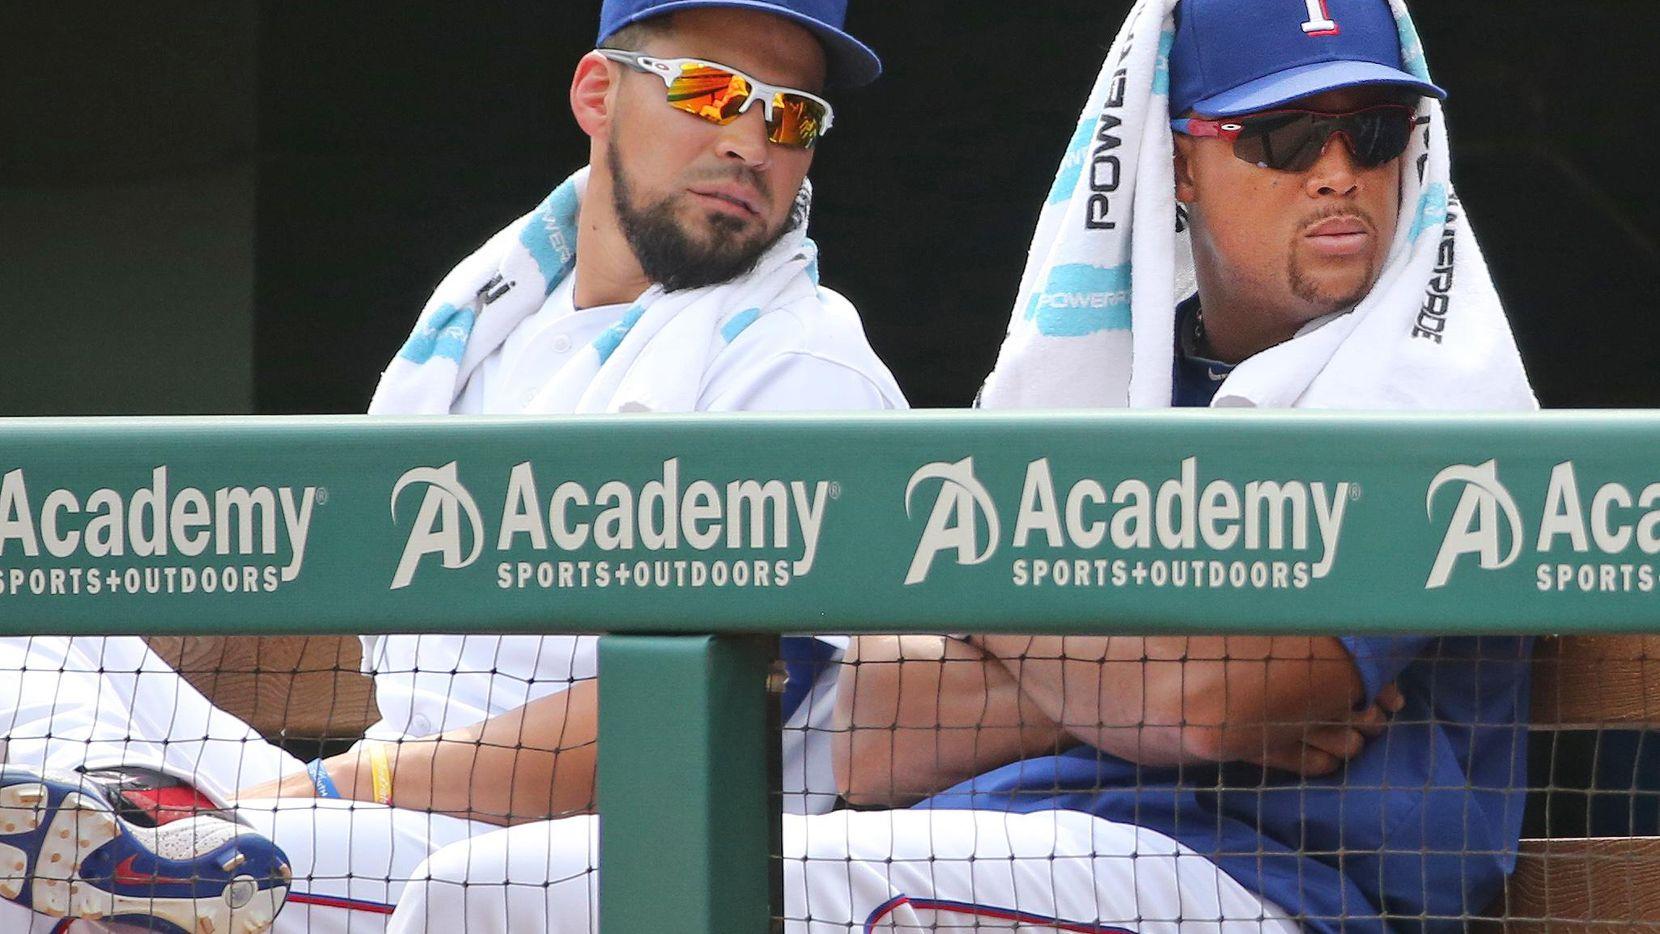 Adrián Beltre (derecha) sigue padeciendo una lesión en la pierna izquierda y no jugará más la presente temporada de los Rangers de Texas. AP